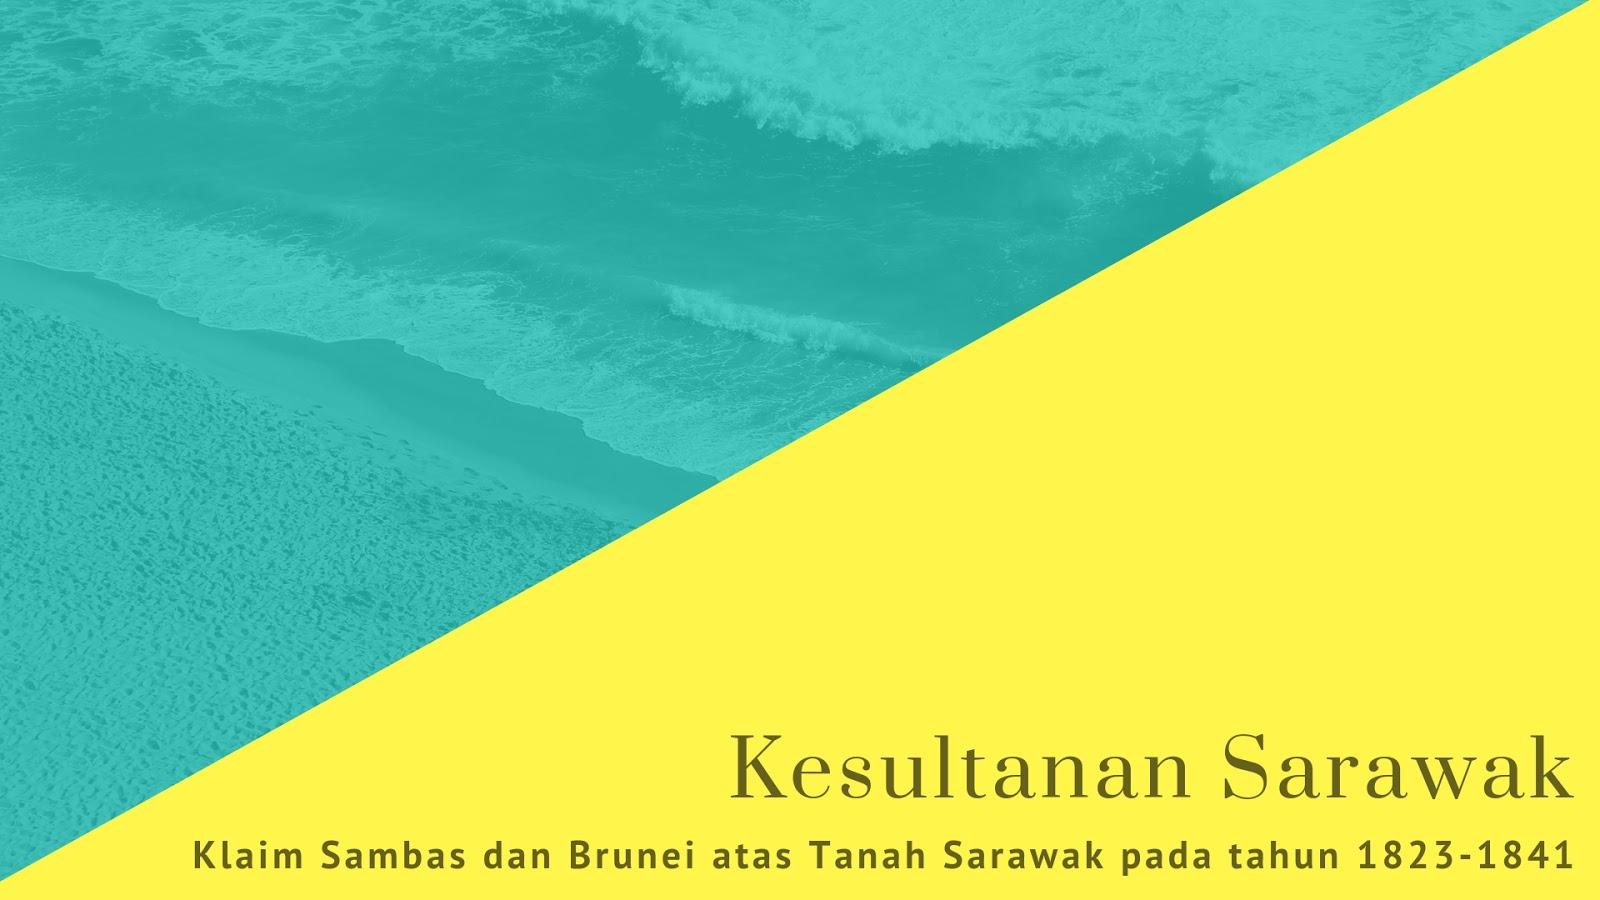 Kesultanan Sambas, Brunei, Sarawak